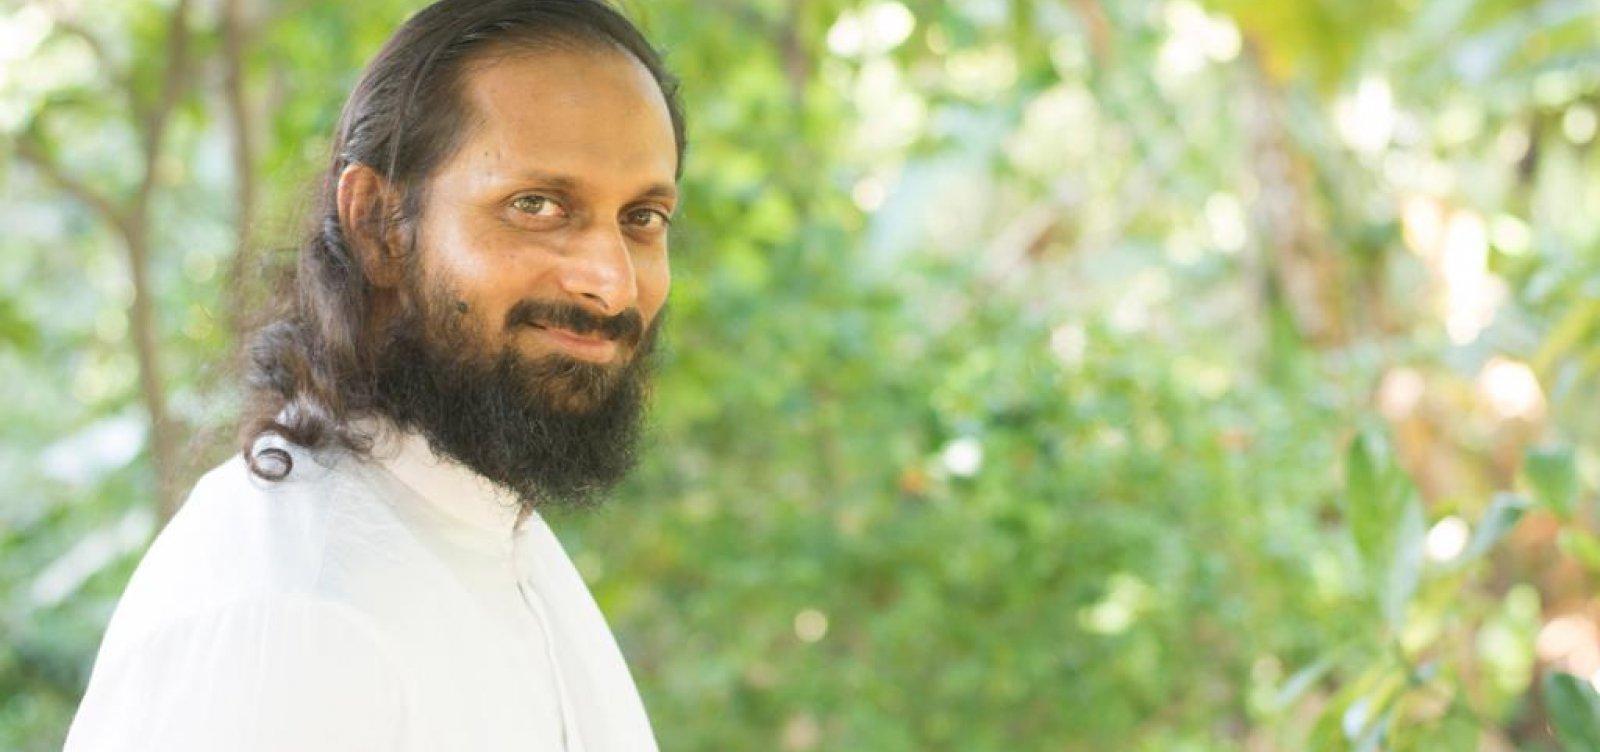 Líder espiritual Swami Paramtej irá ministrar curso em Salvador